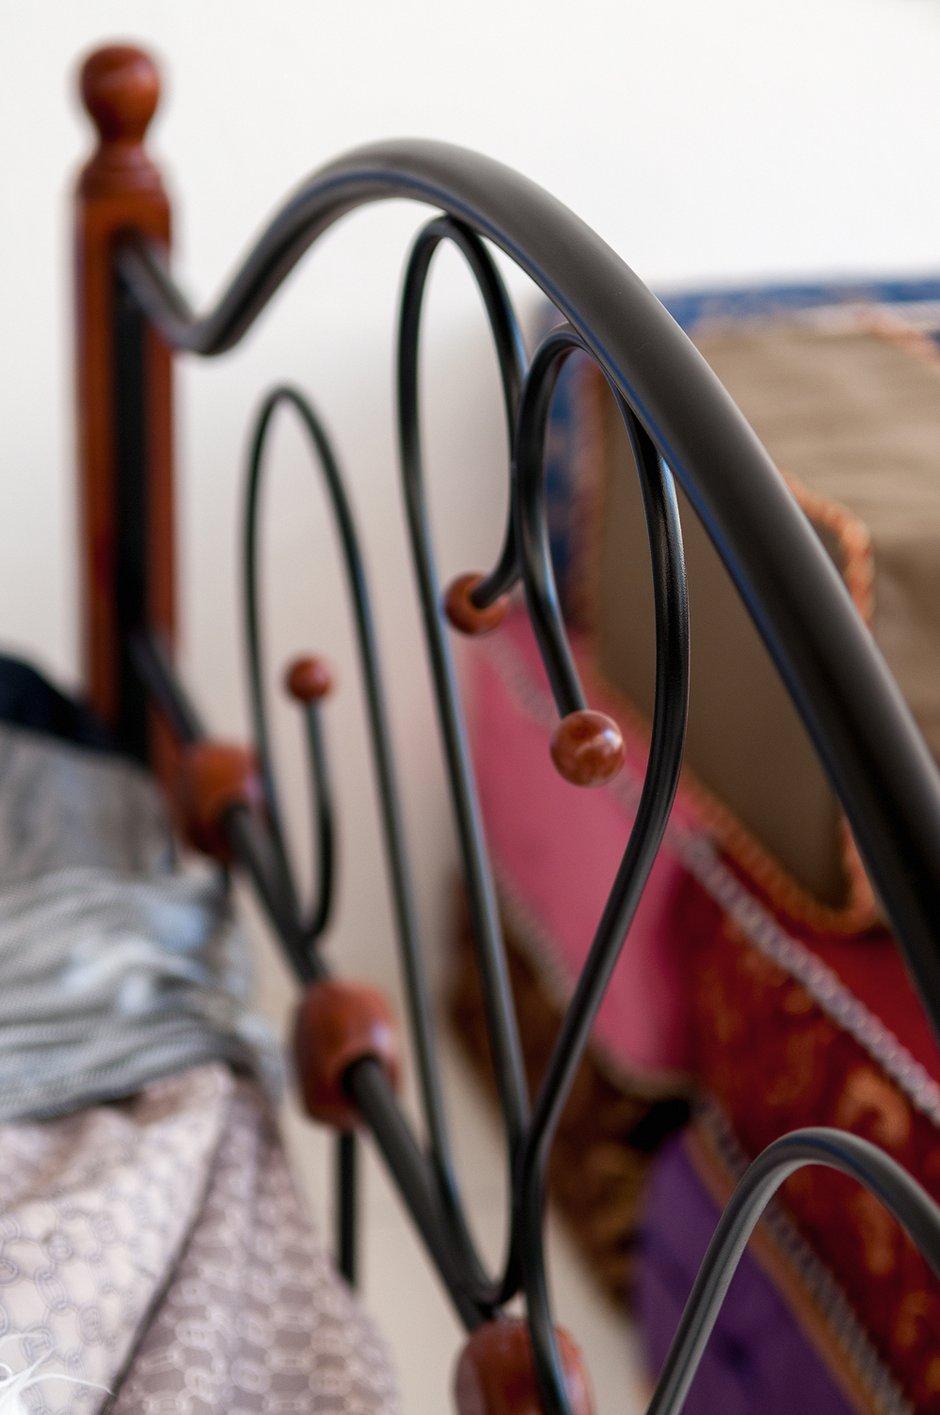 Фотография:  в стиле , Эклектика, Декор интерьера, Дом, Архитектура, Дизайн интерьера, Декор, Мебель и свет, Проект недели, Переделка, Дача, Мансарда, Строительные материалы, Дом и дача, Фазенда, Строительные работы, как обустроить мансарду, спальня в мансарде, лаундж-зона – фото на INMYROOM